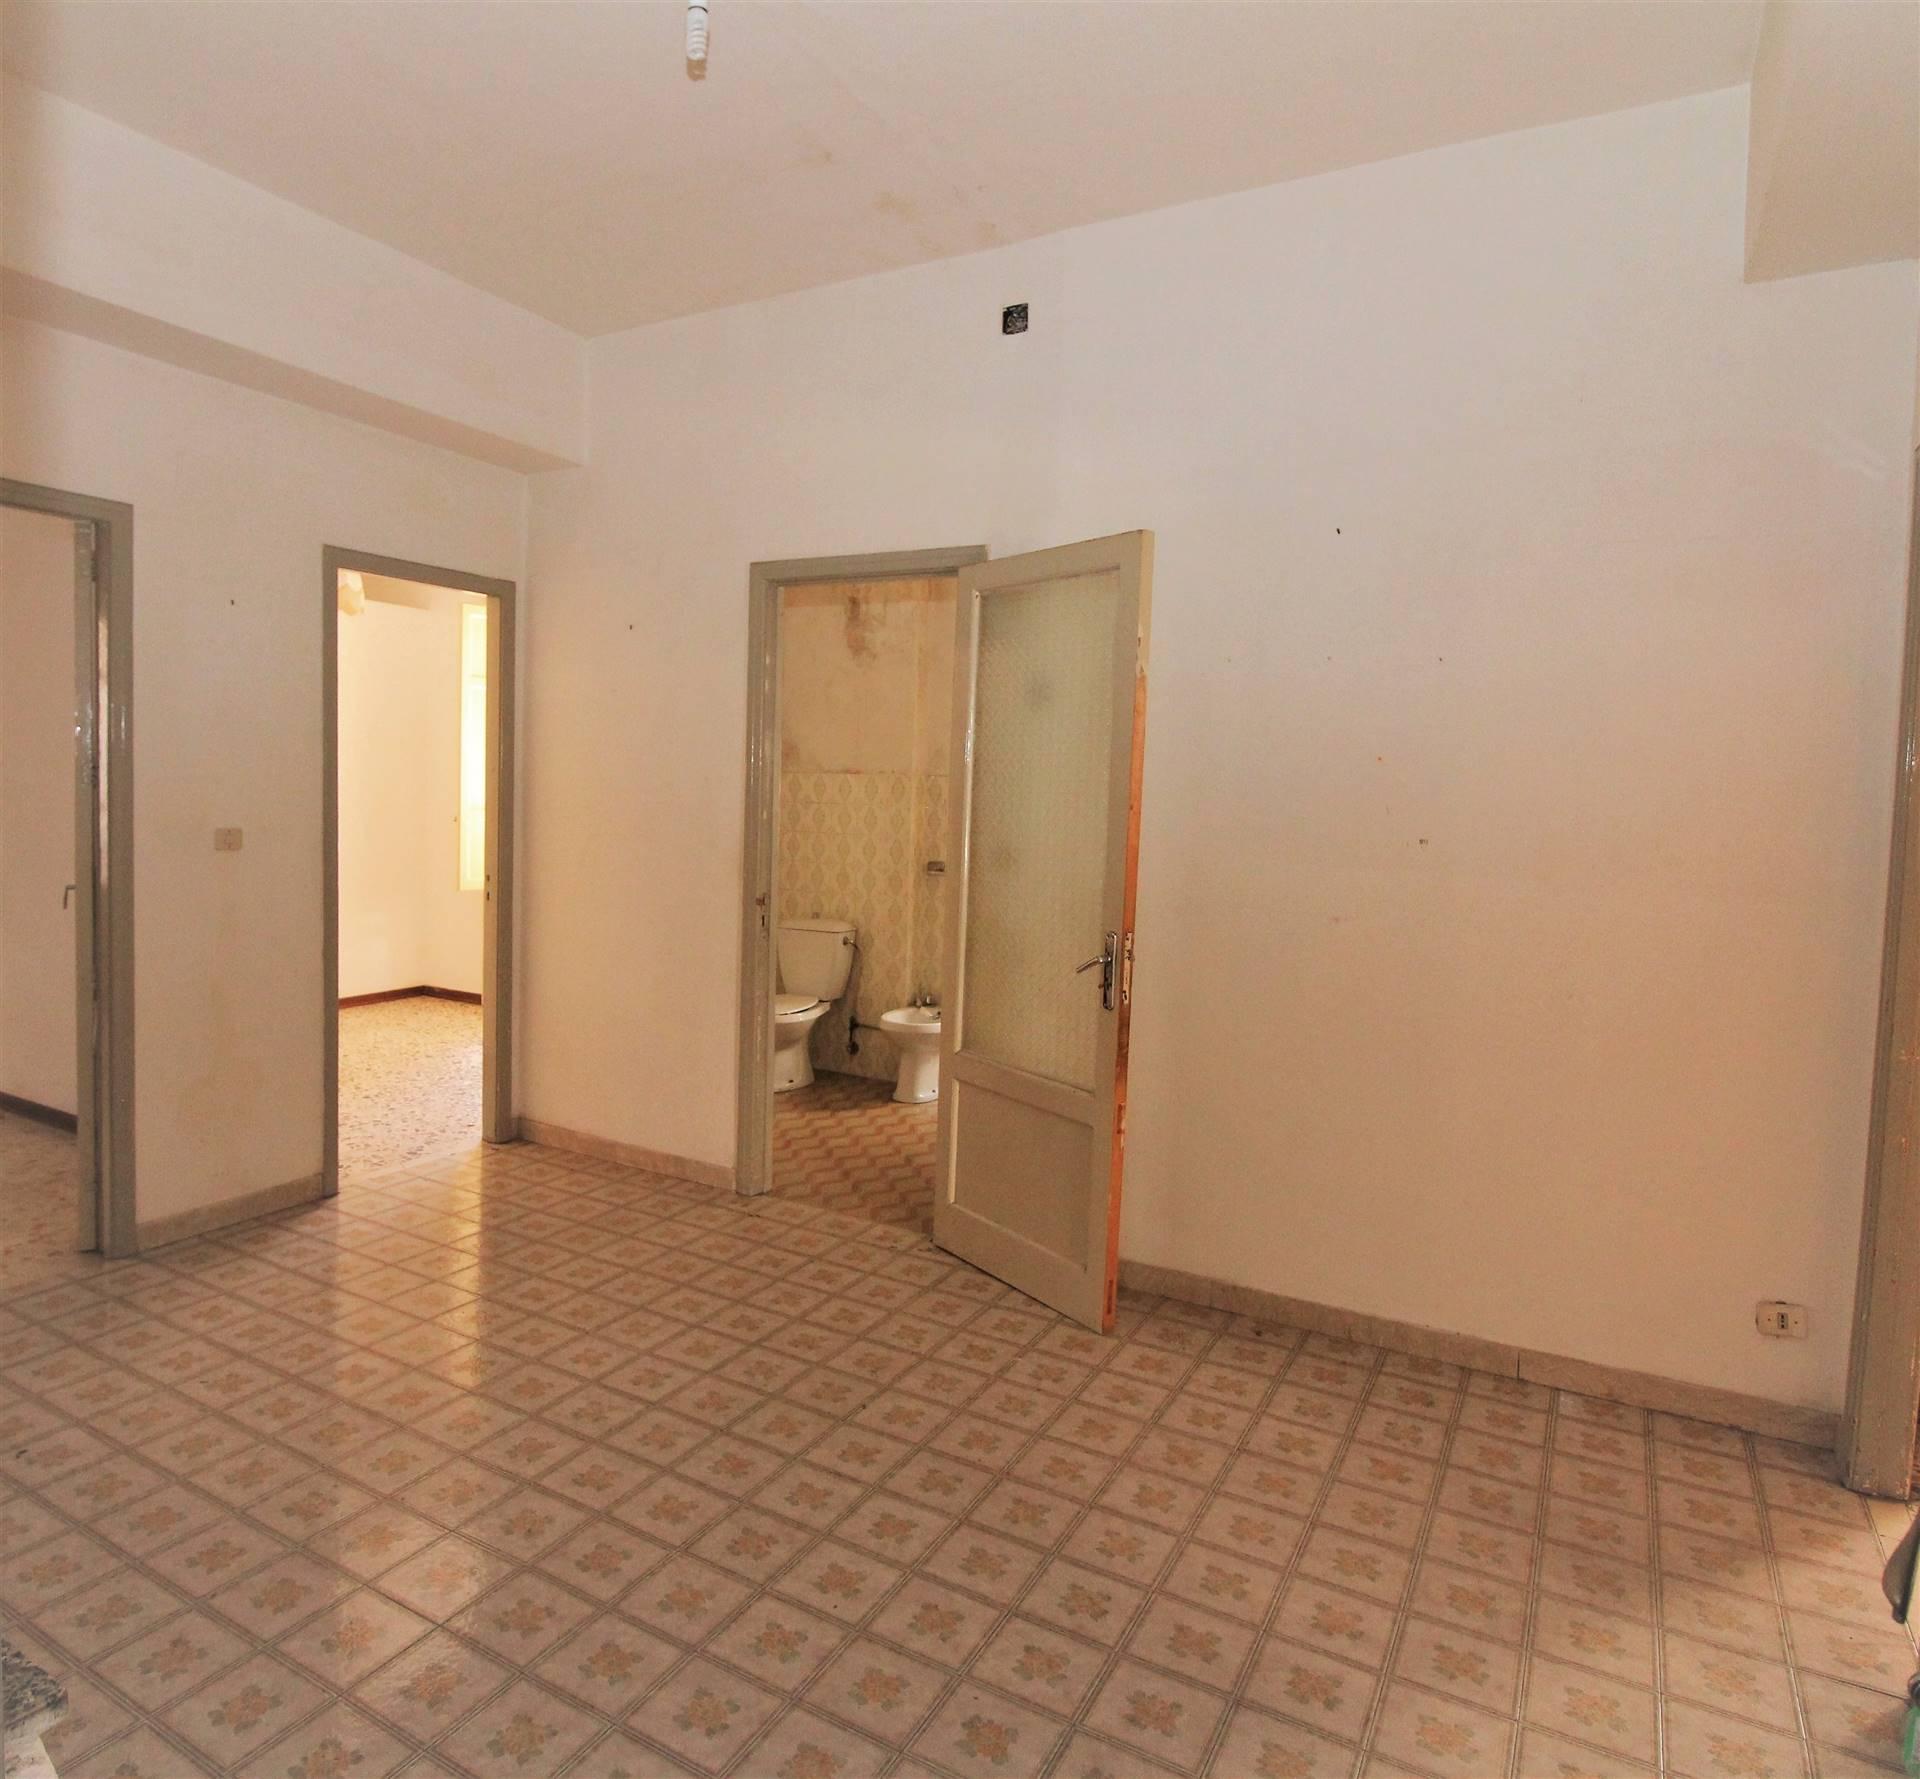 Soluzione Semindipendente in affitto a Lentini, 4 locali, zona Località: SOPRA FIERA, prezzo € 200 | CambioCasa.it